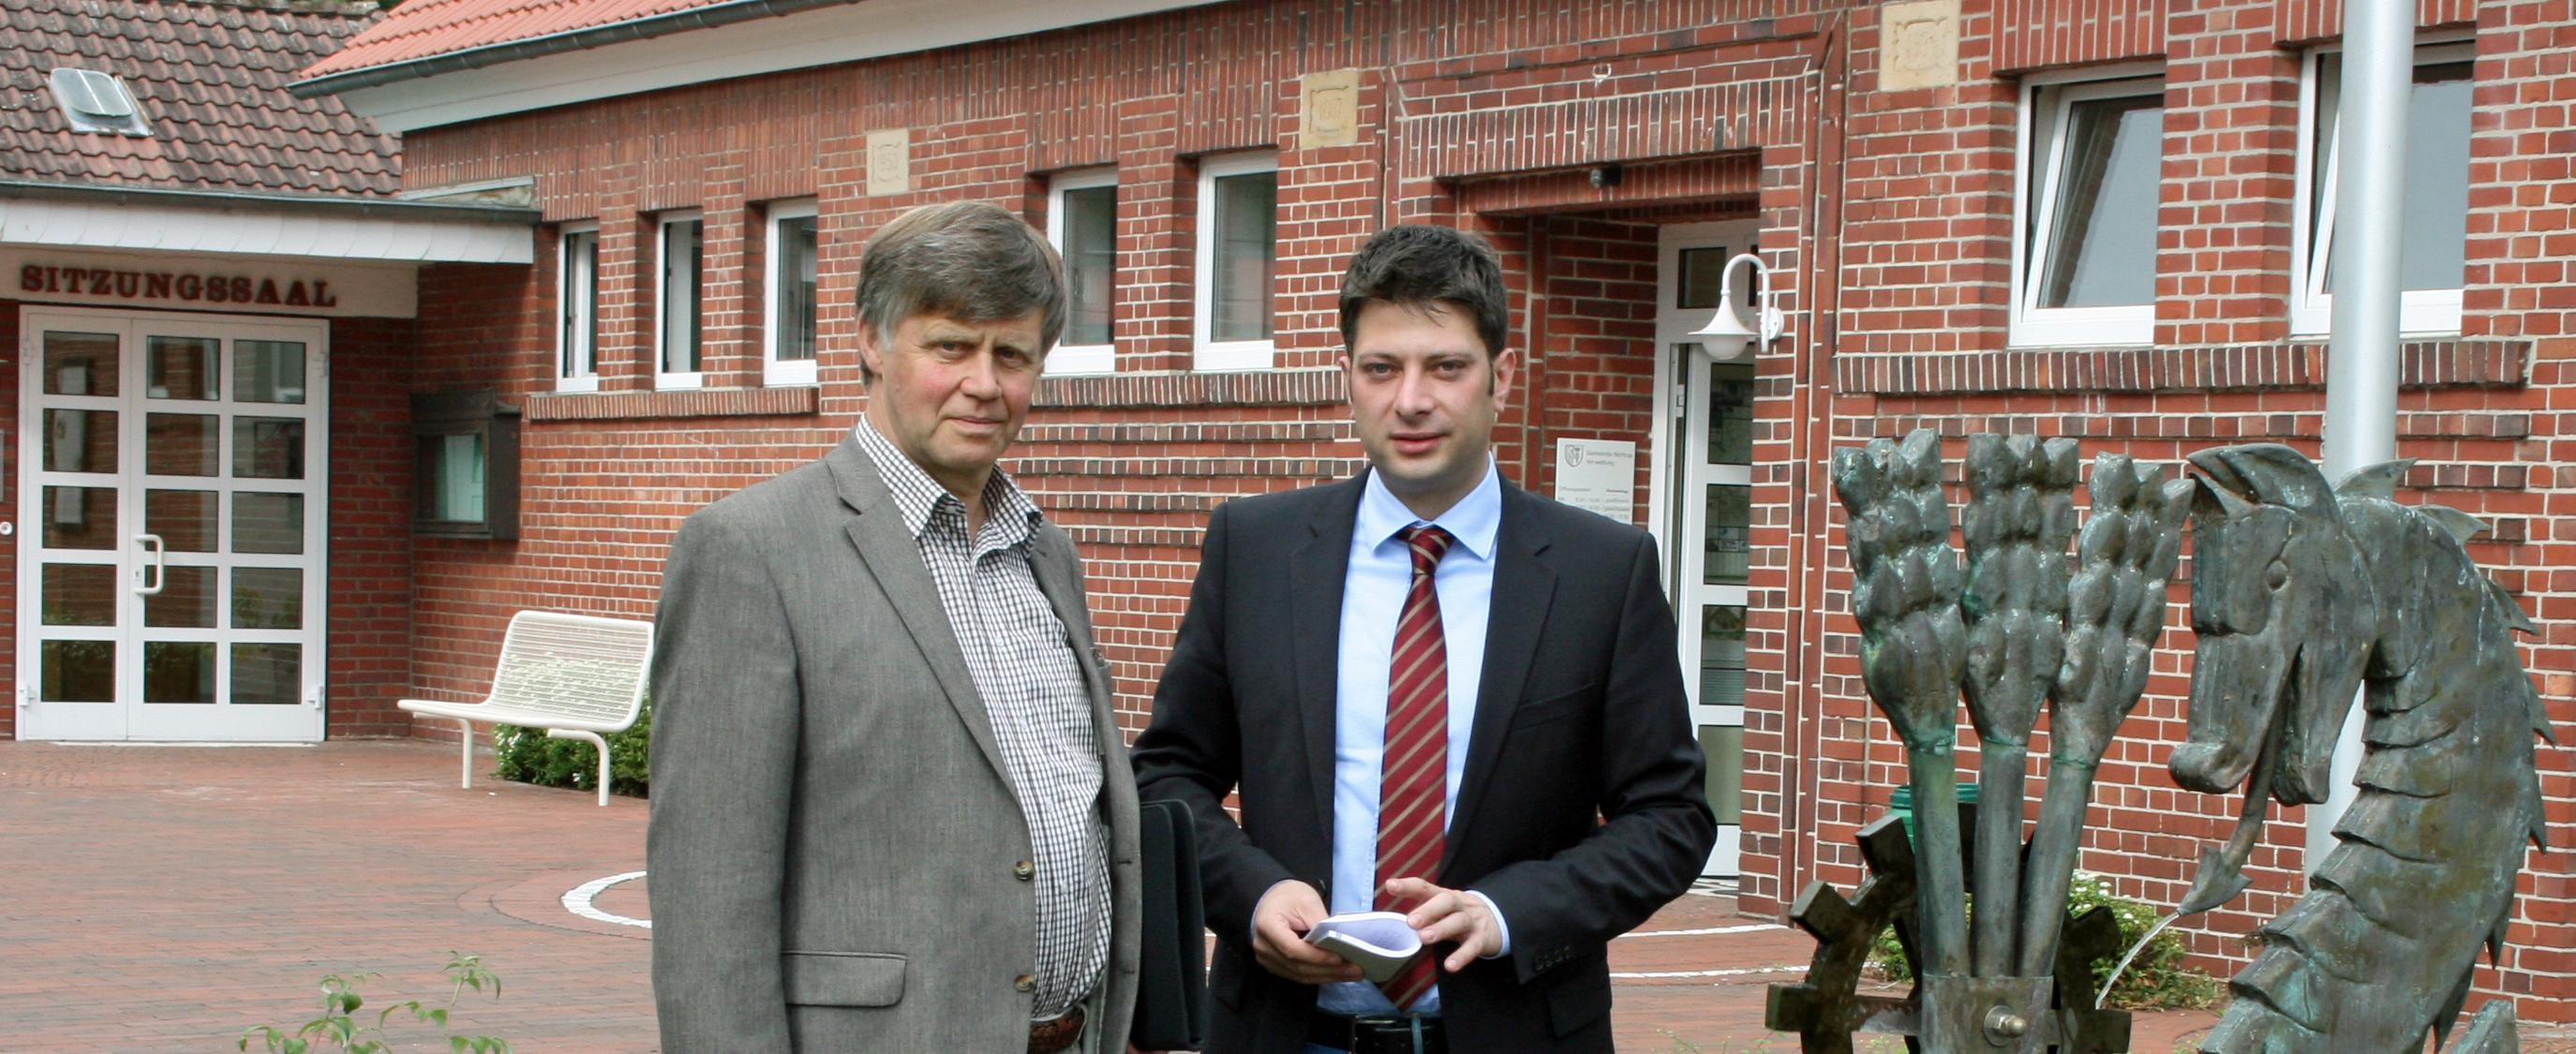 Christian Calderone 2013 im Rahmen des Antrittsbesuches beim damaligen Bürgermeister der wirtschaftsstarken Gemeinde Nortrup, Leonhard Renze. Der ländliche Raum kann es!